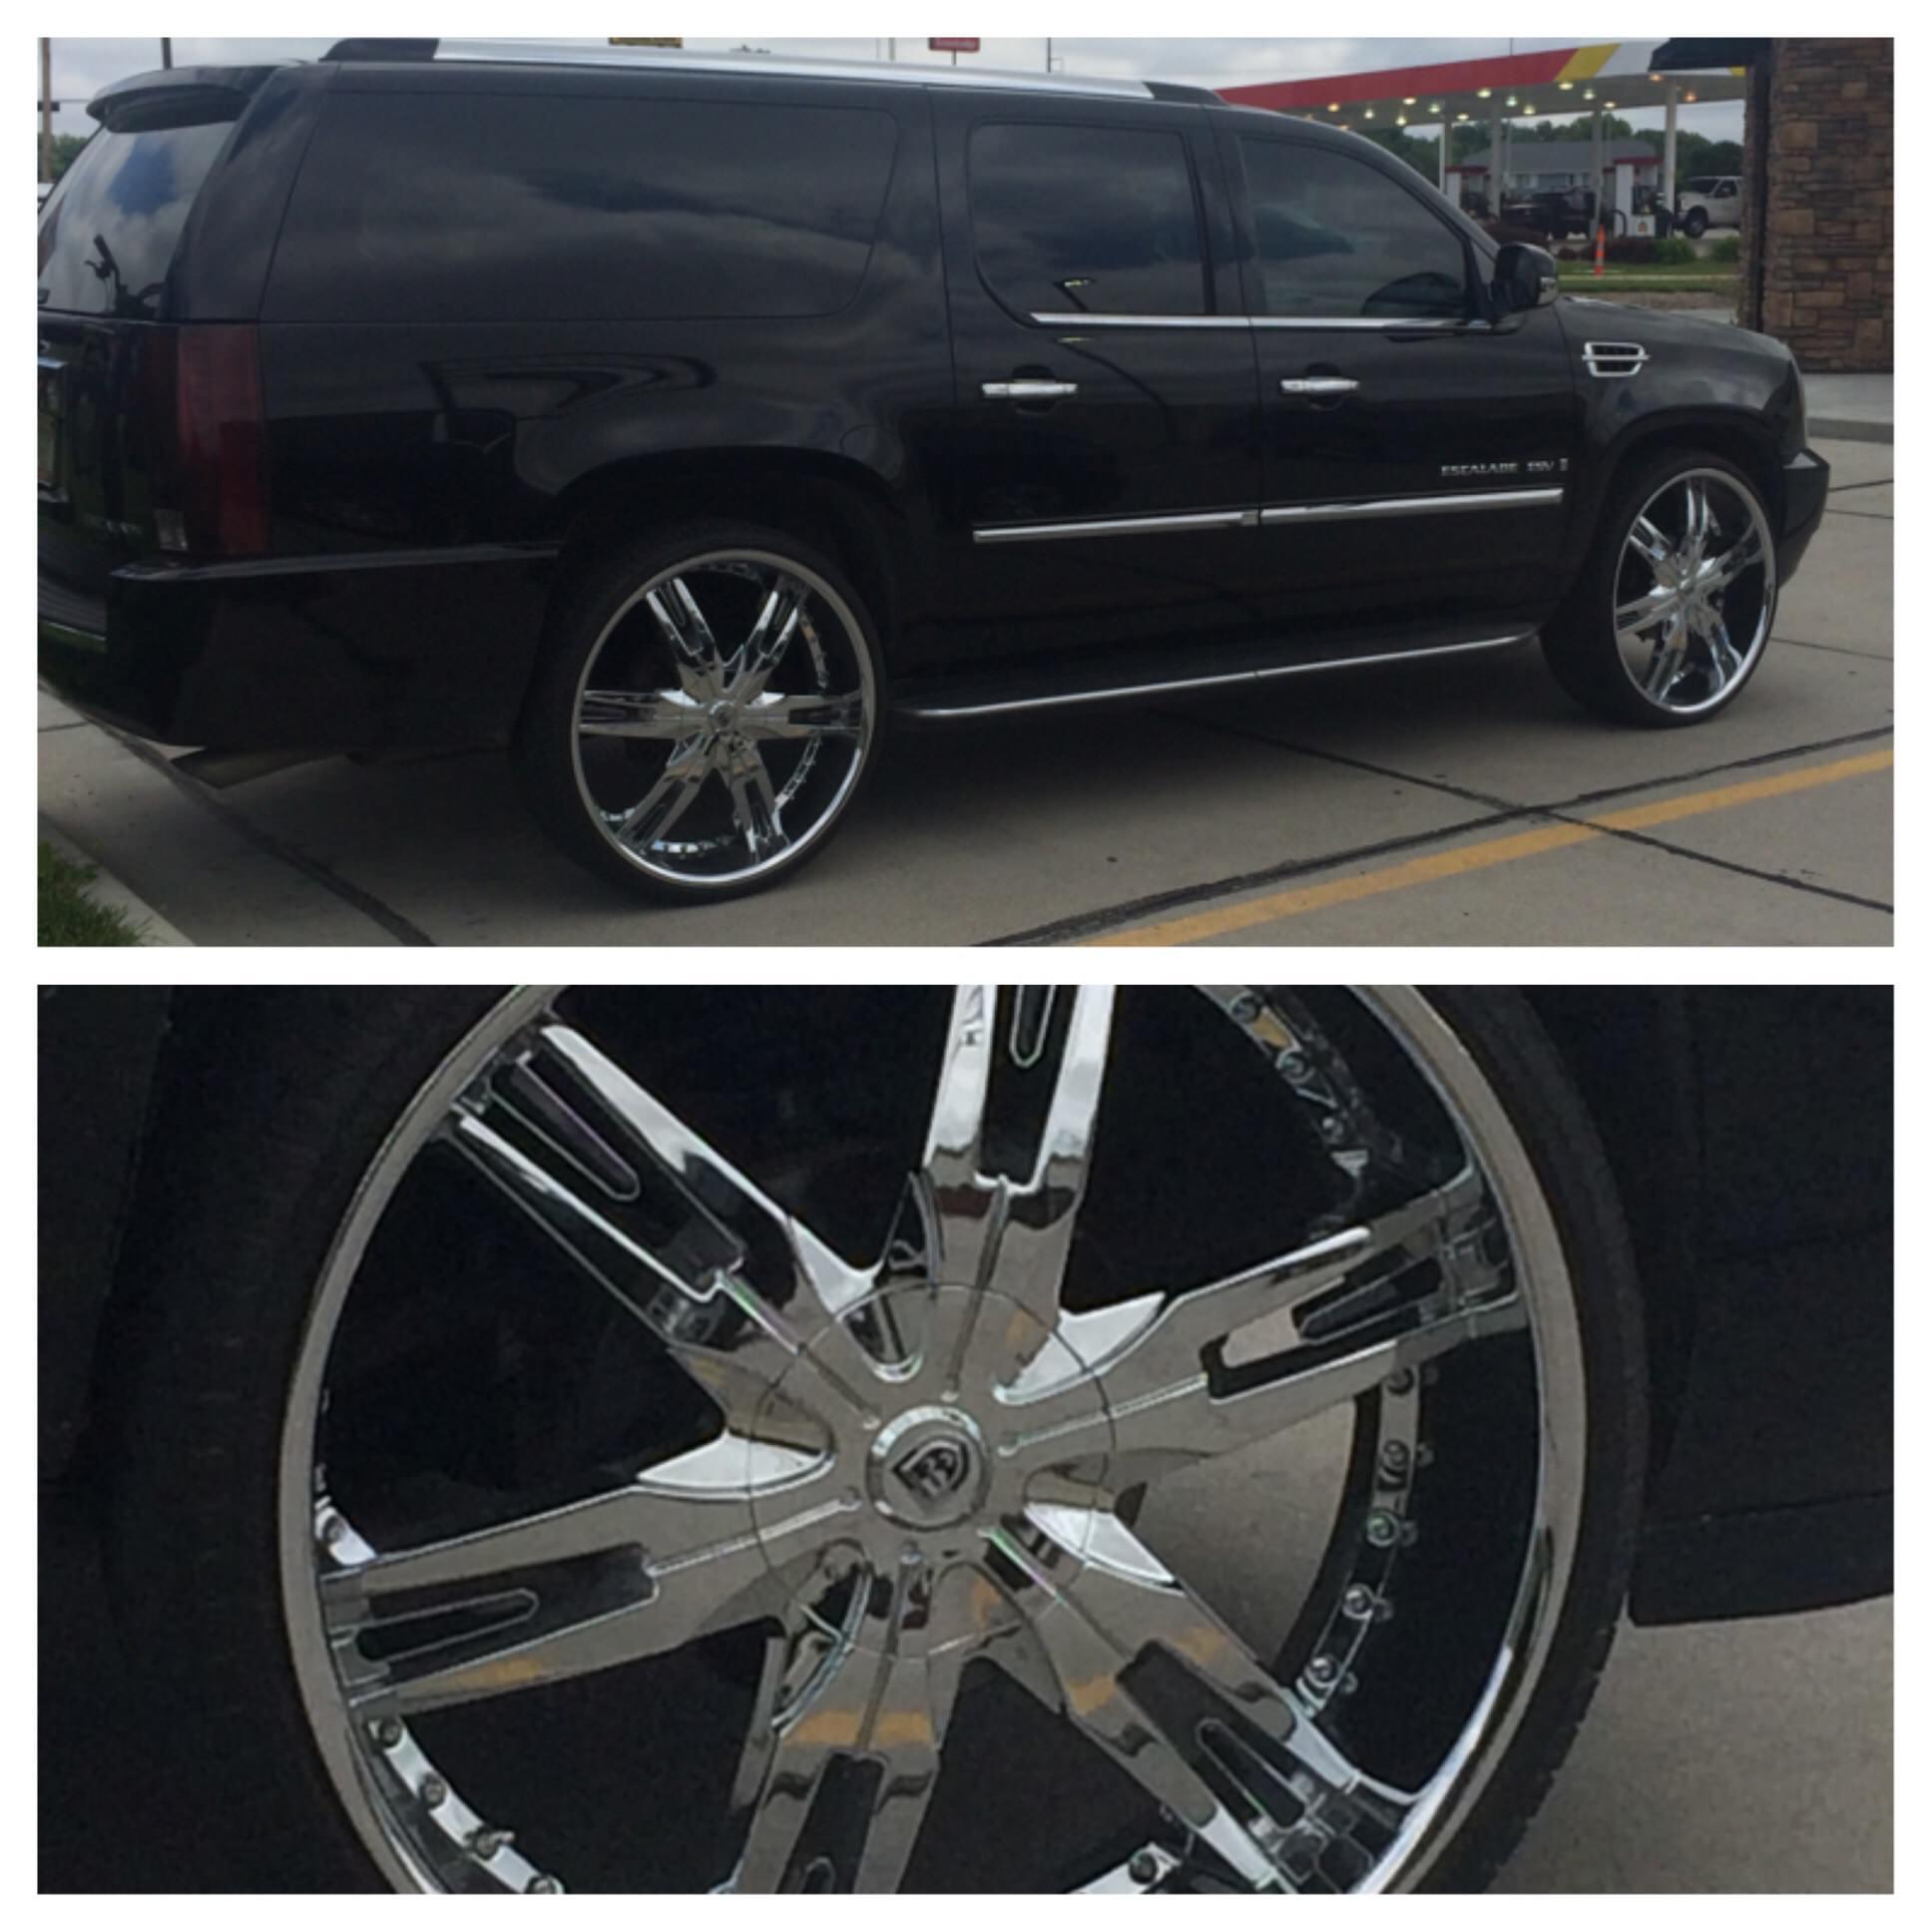 Chris Cadillac Escalade On 28's